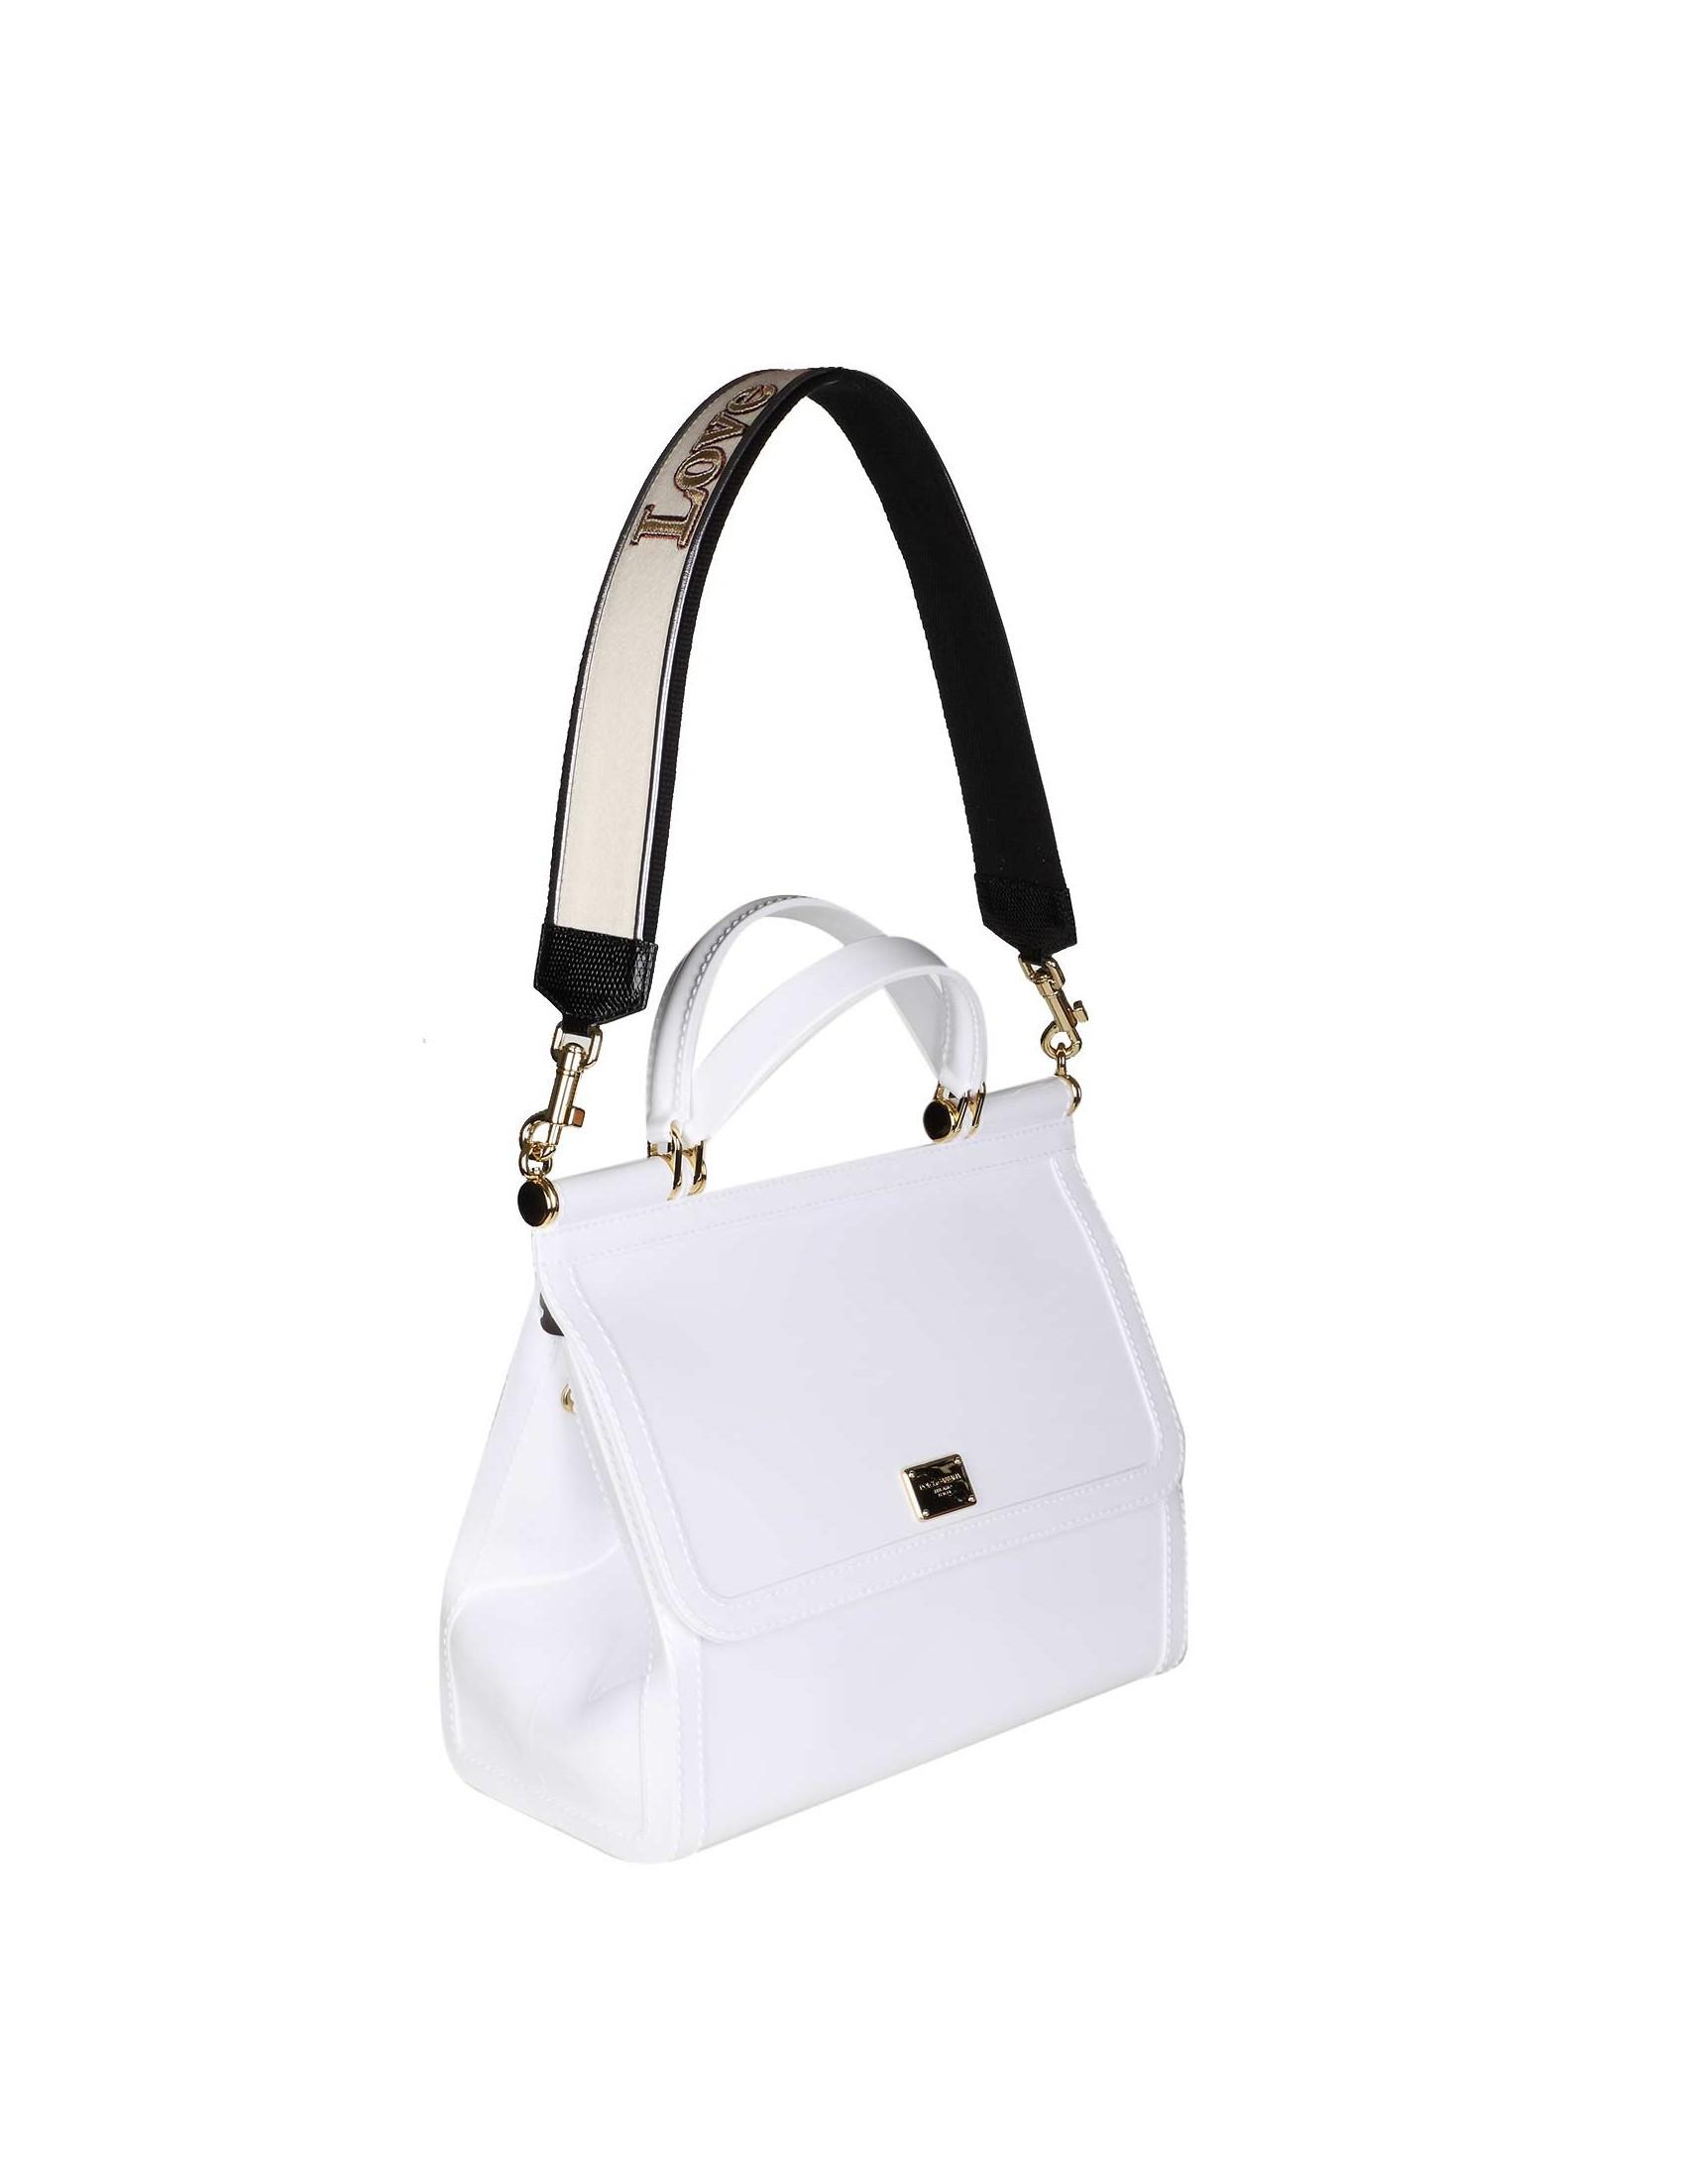 ad13f0329e Dolce Gabbana Women S Bag Sicily Rubber White Color. Dolce Gabbana Mini Miss  ...